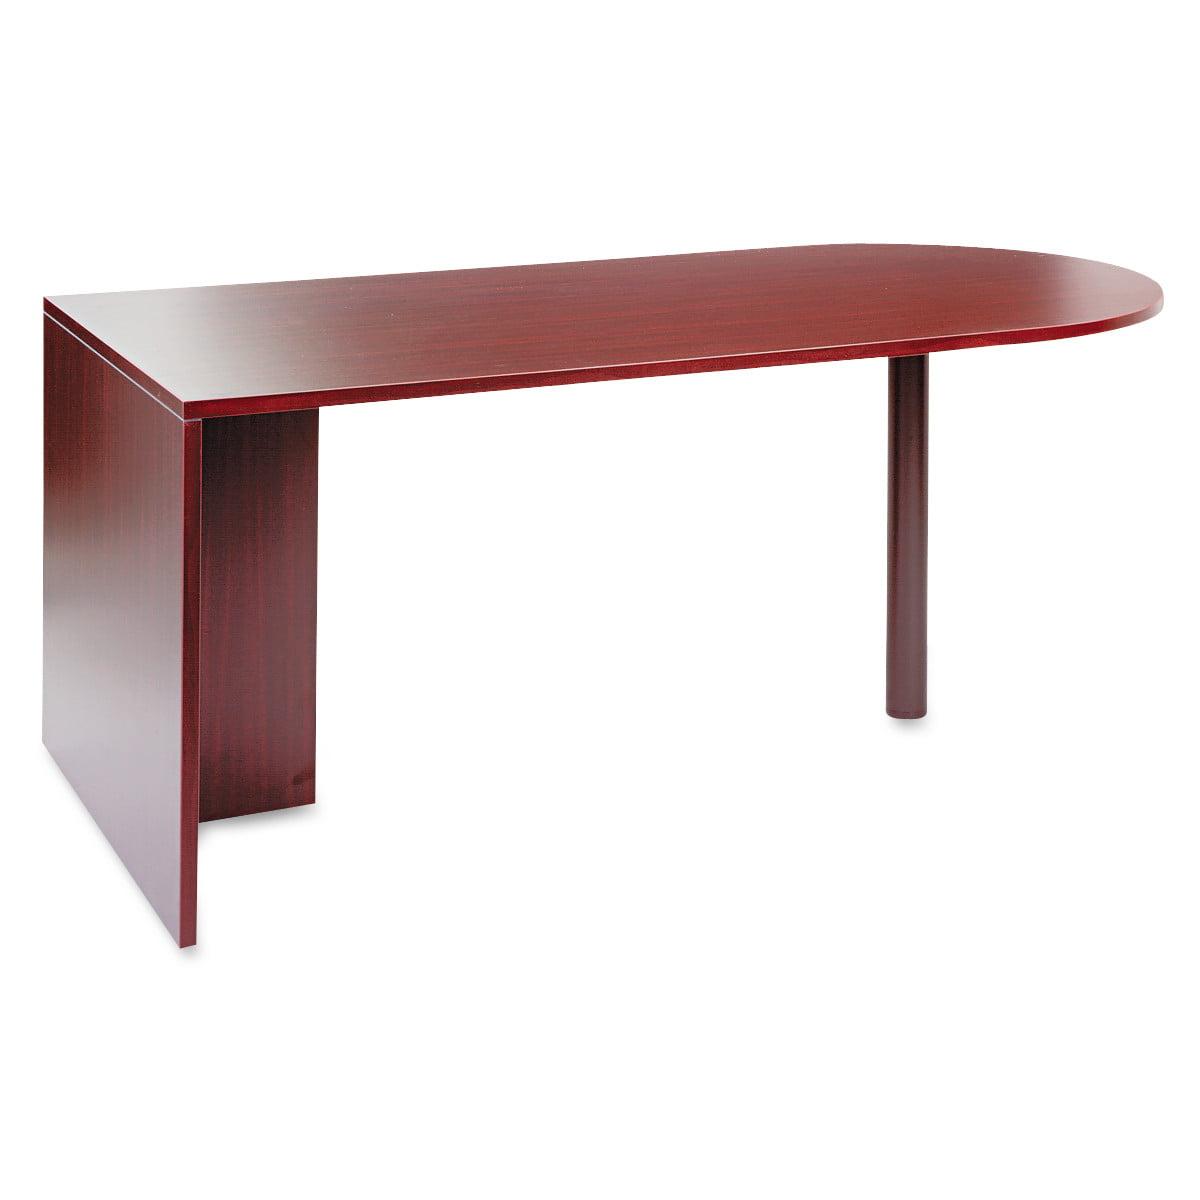 Alera Alera Valencia Series D Top Desk, 71w x 35 1/2d x 29 5/8h, Mahogany